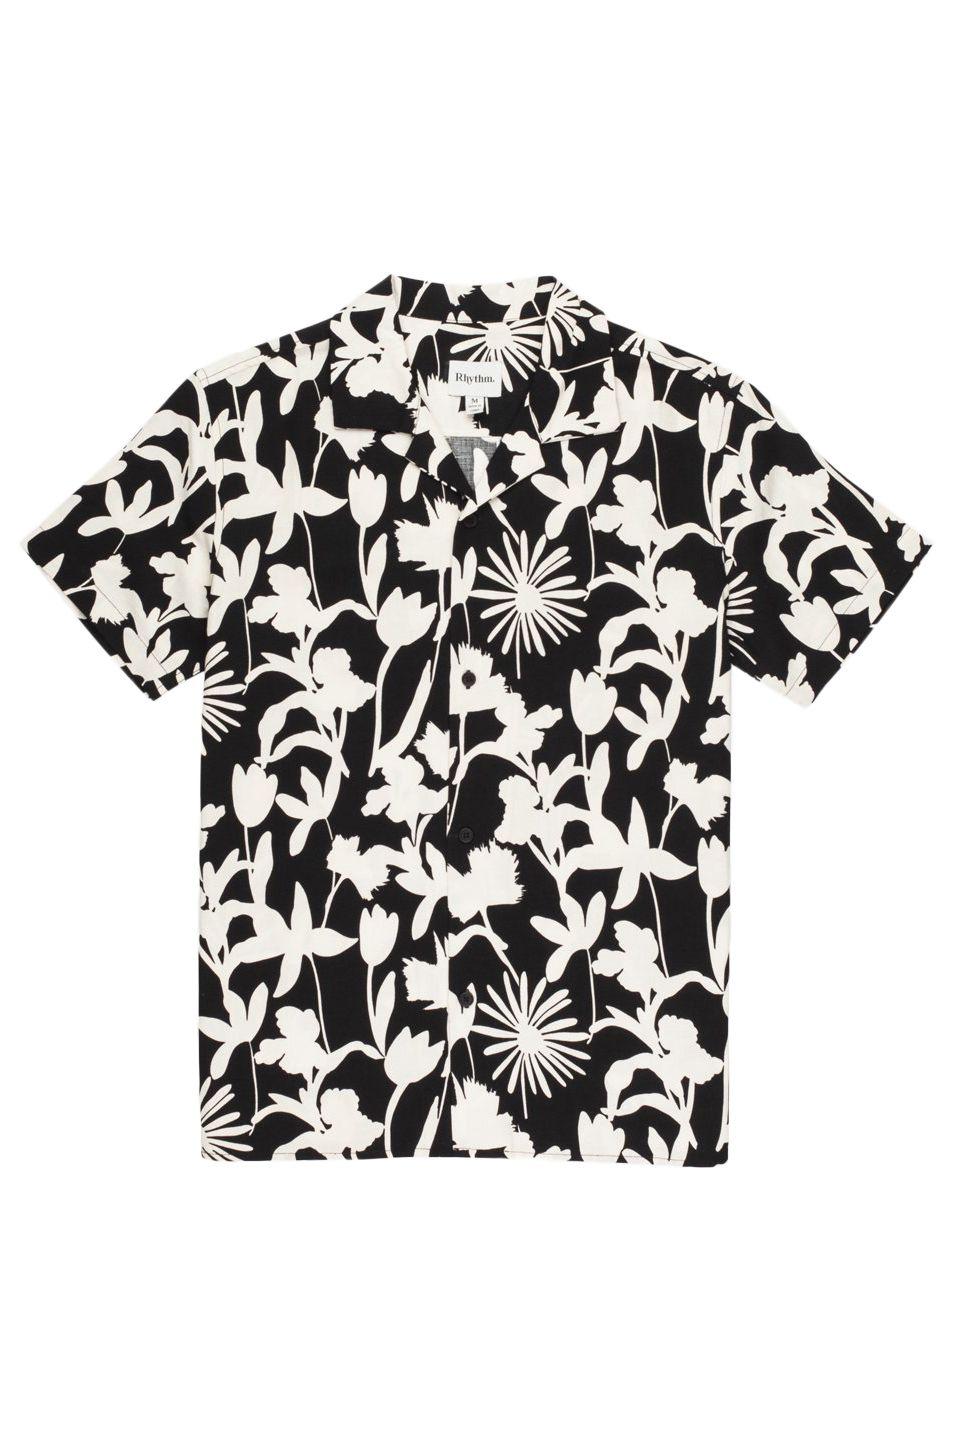 Rhythm Shirt MELROSE LINEN SS SHIRT Black